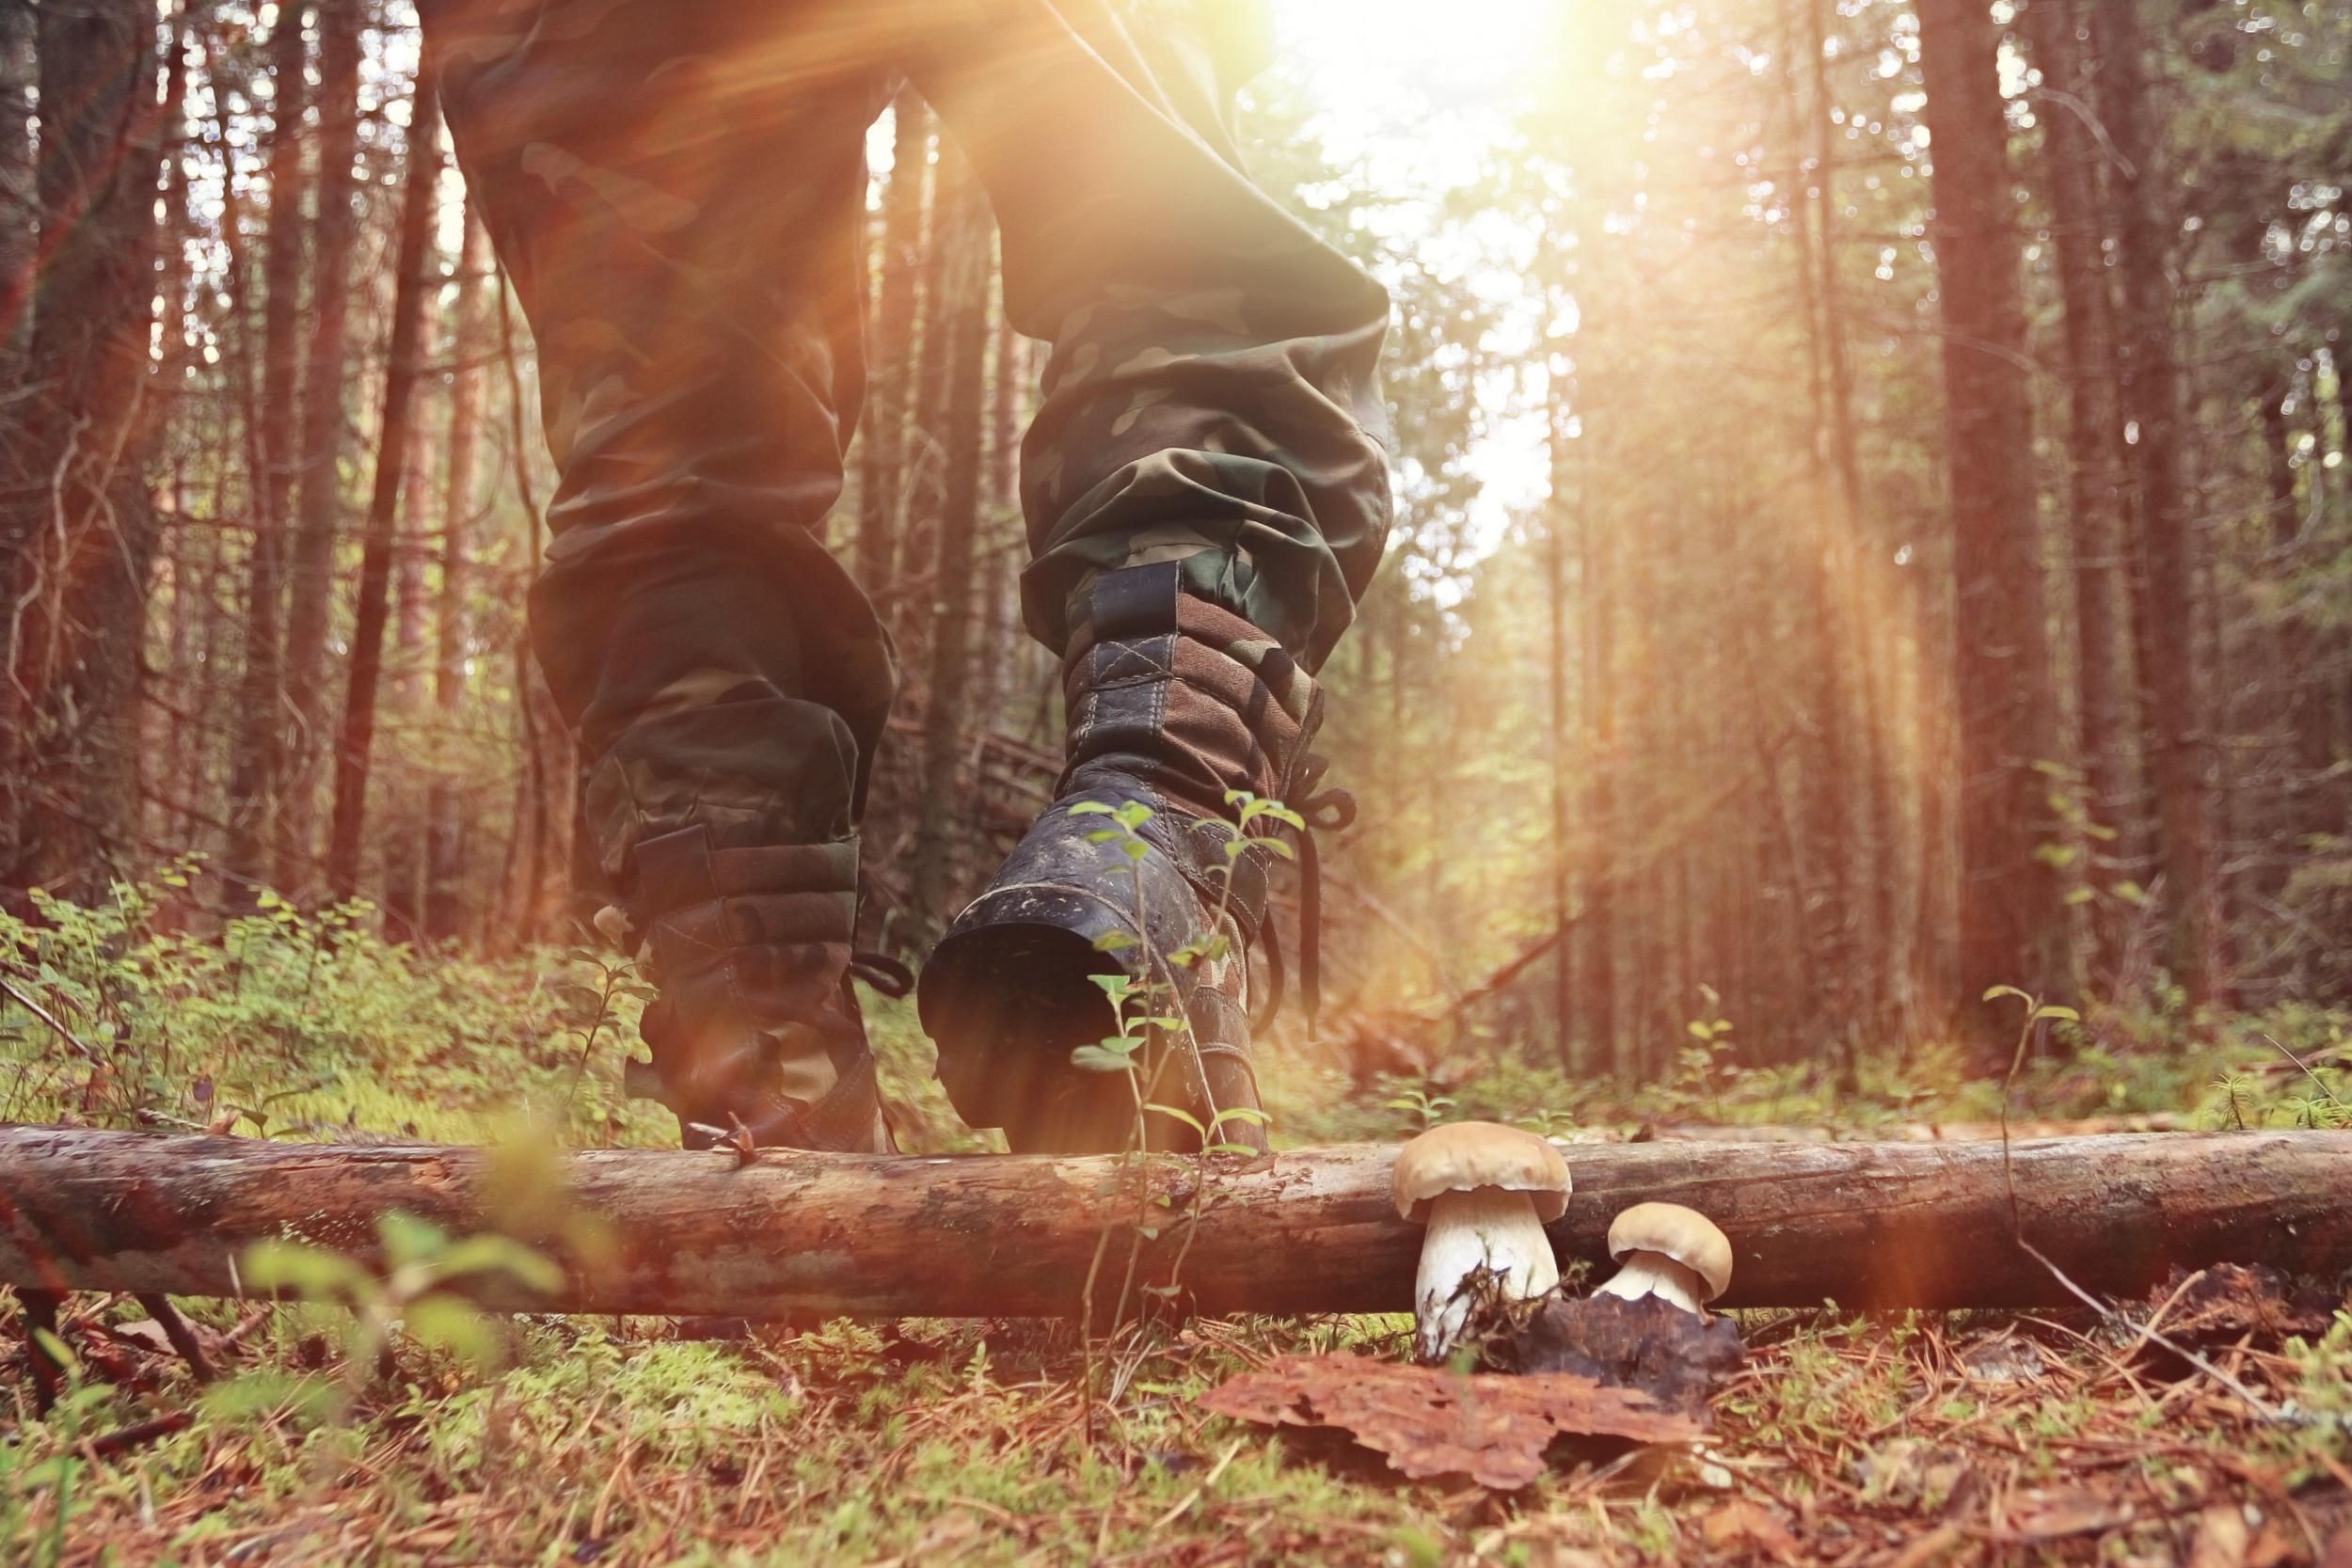 Hitta en jaktmark